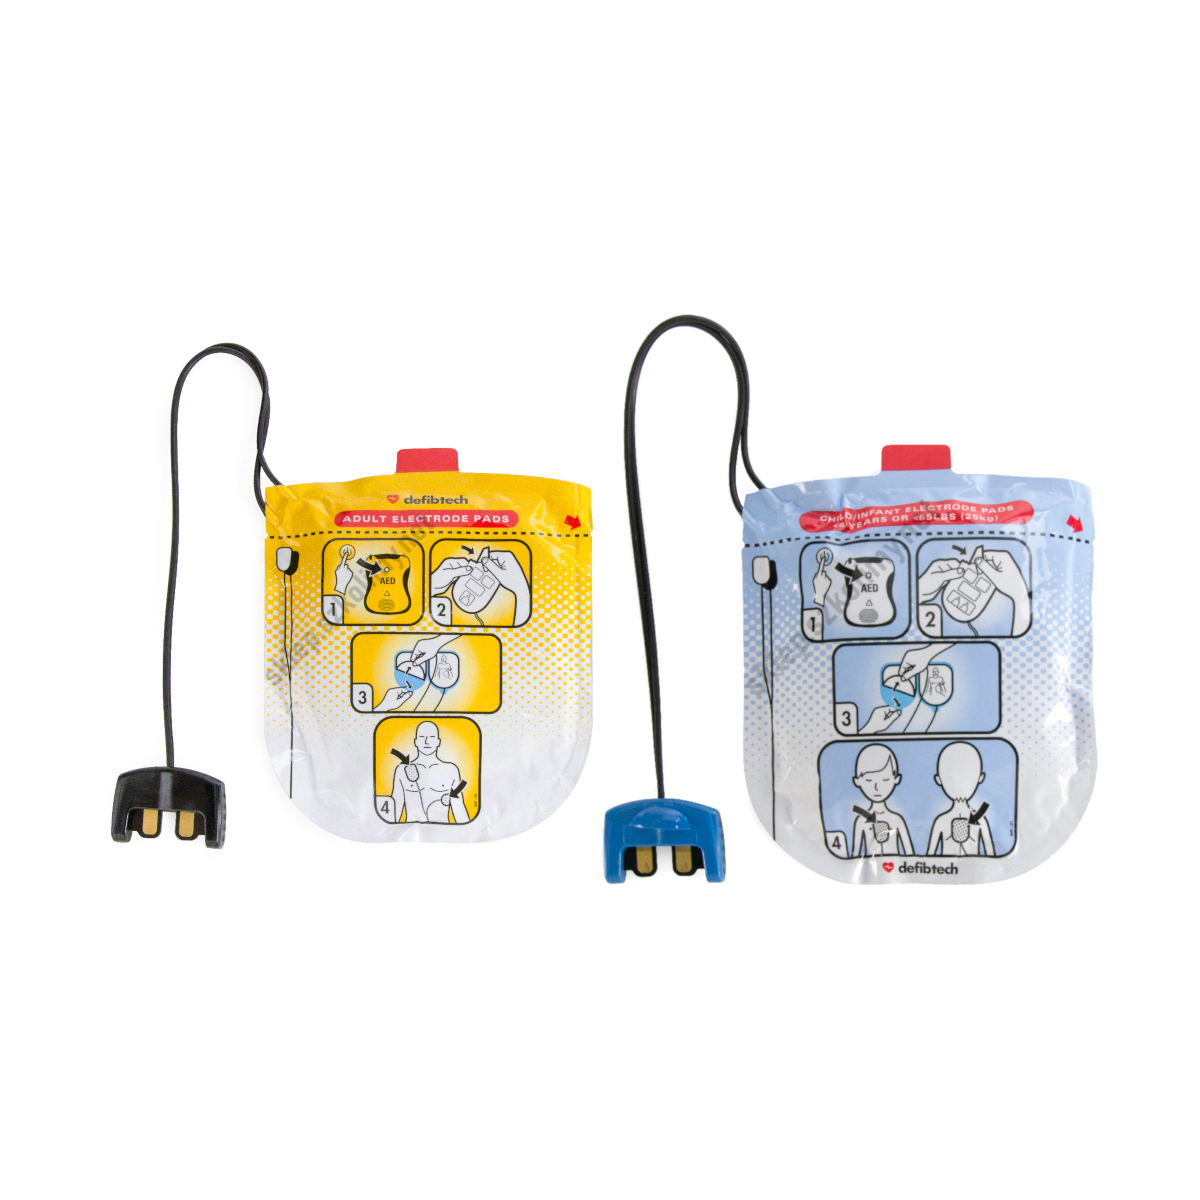 Elektrody do defibrylatora AED Defibtech Lifeline (dla dorosłych | dla dzieci)